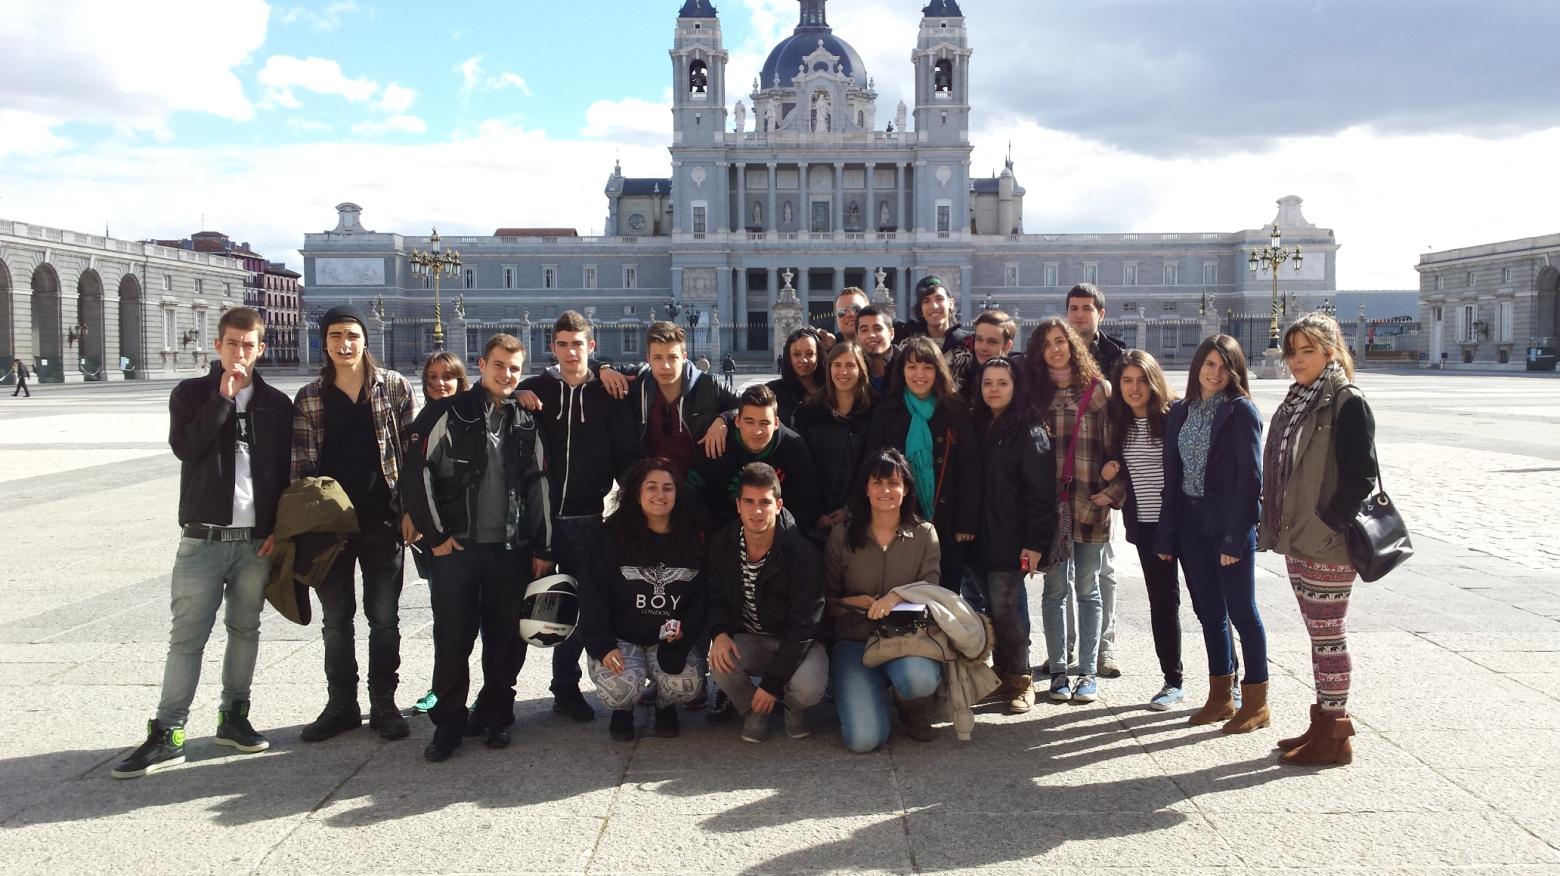 Visita al Palacio Real ESPA y Bachillerato